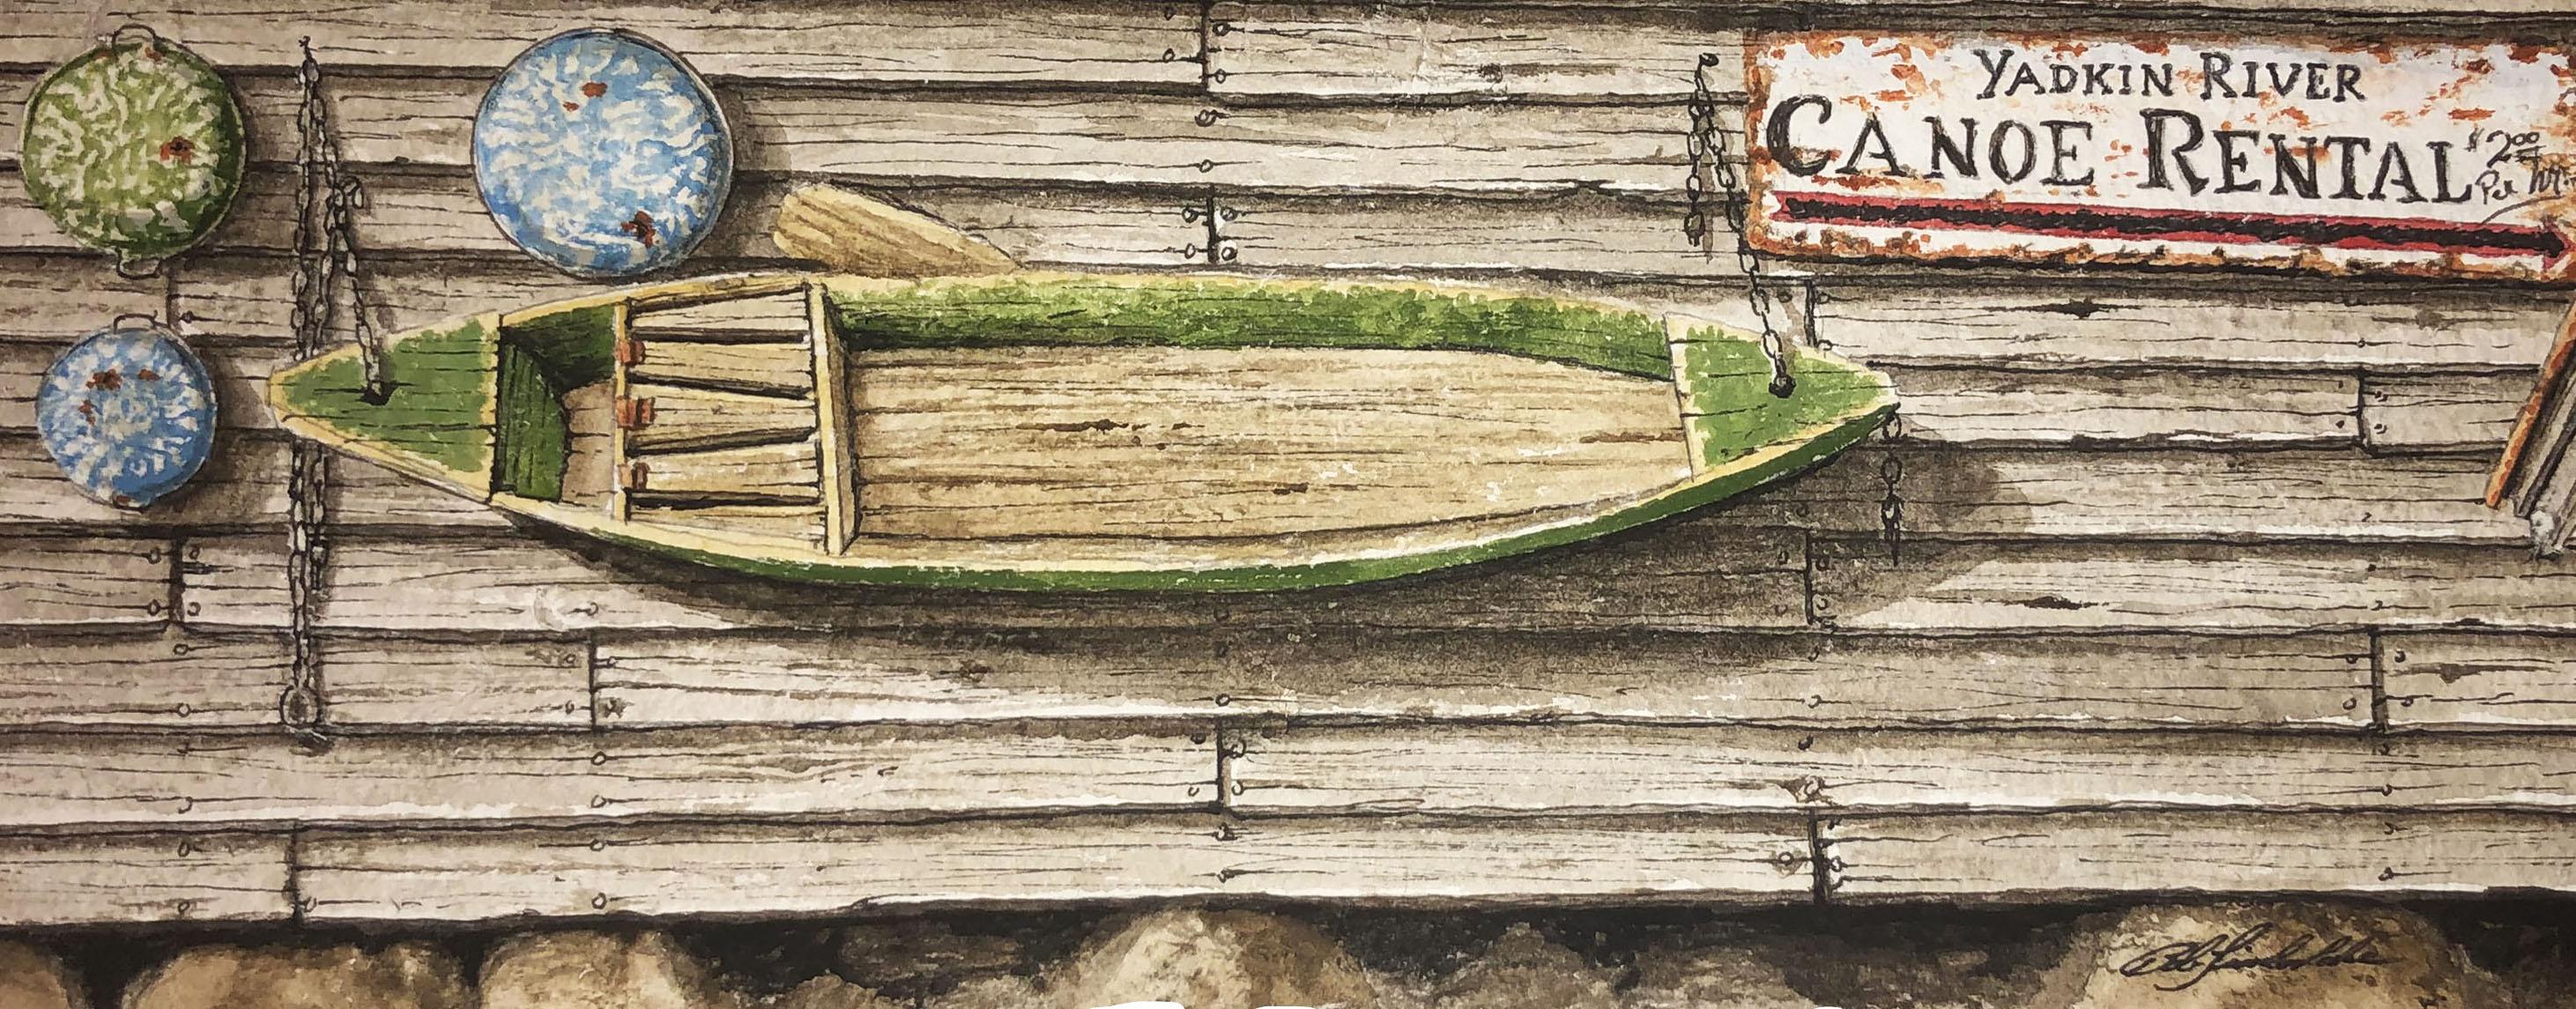 Yadkin Canoe Rental